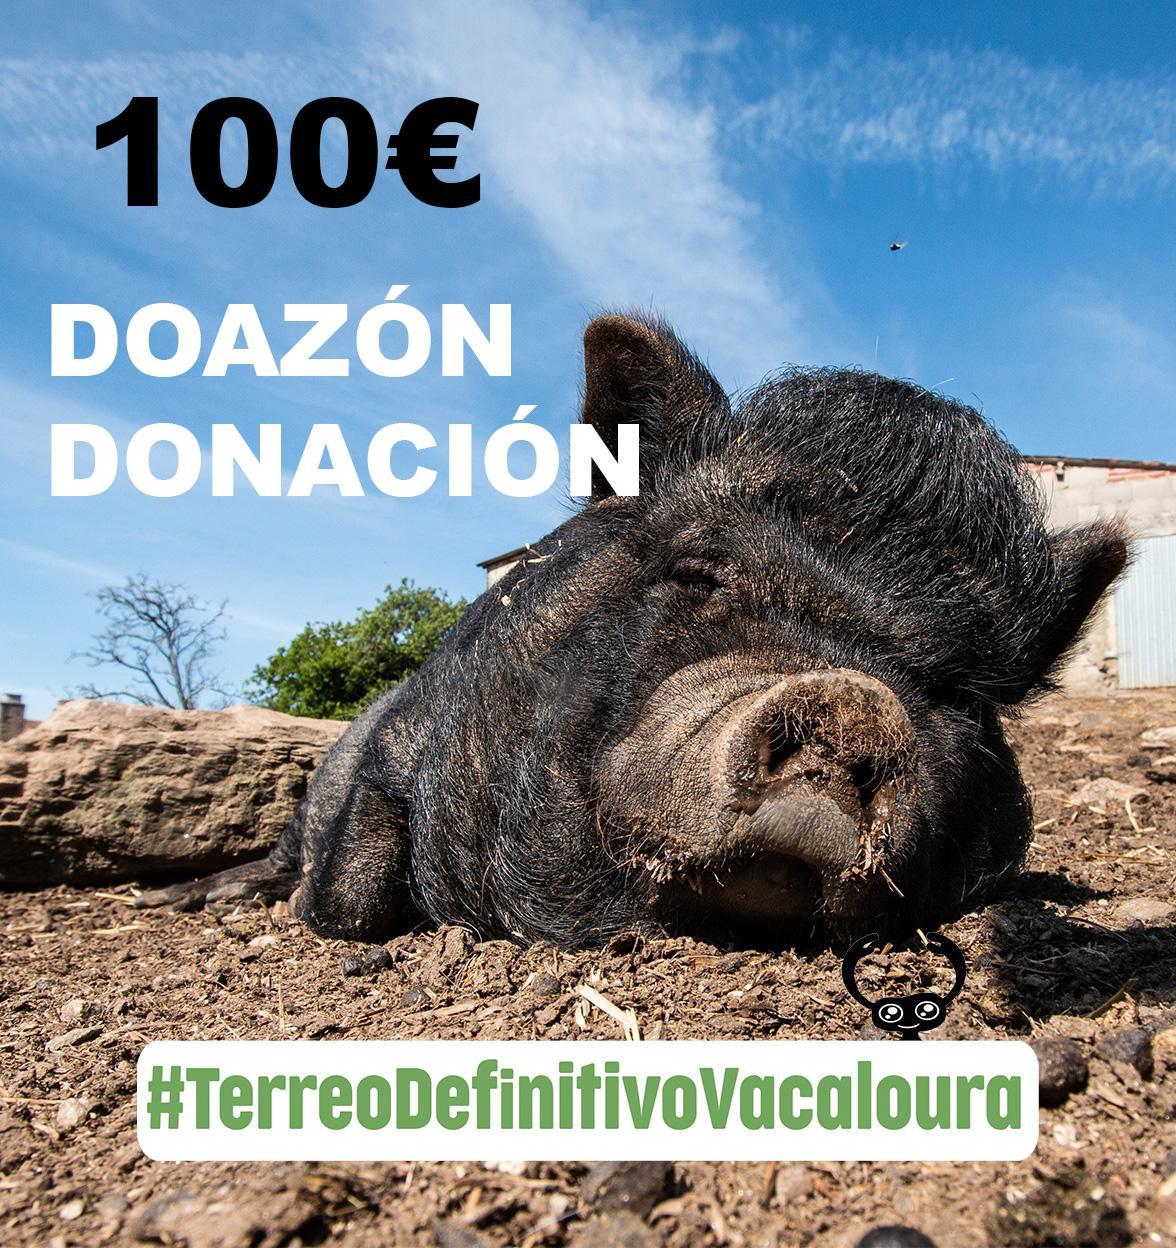 doa 100 euros á campaña do terreo definitivo para o santuario